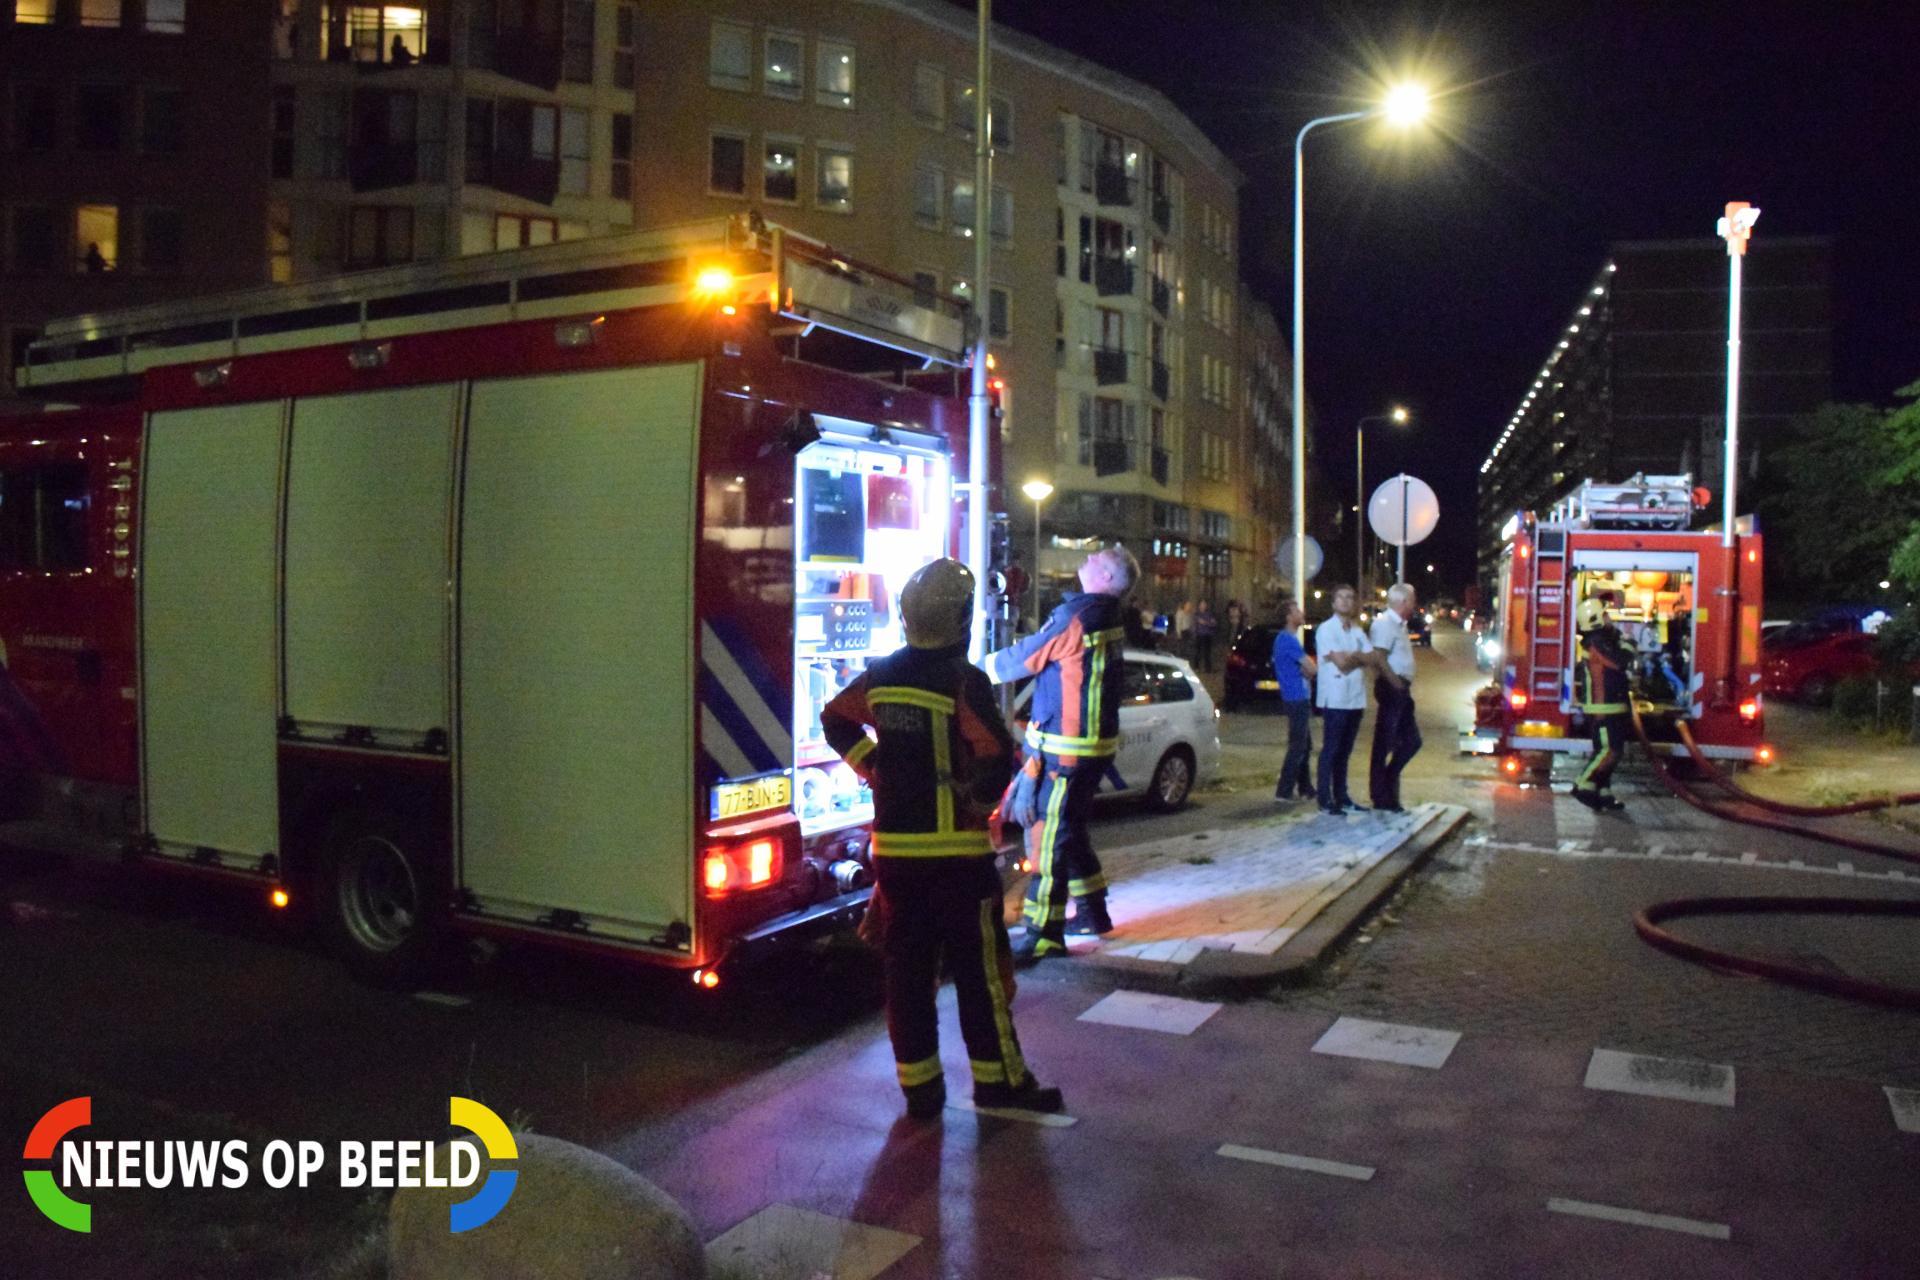 Twee personen ademen rook in bij brand in flat Diamantstraat Alphen aan den Rijn